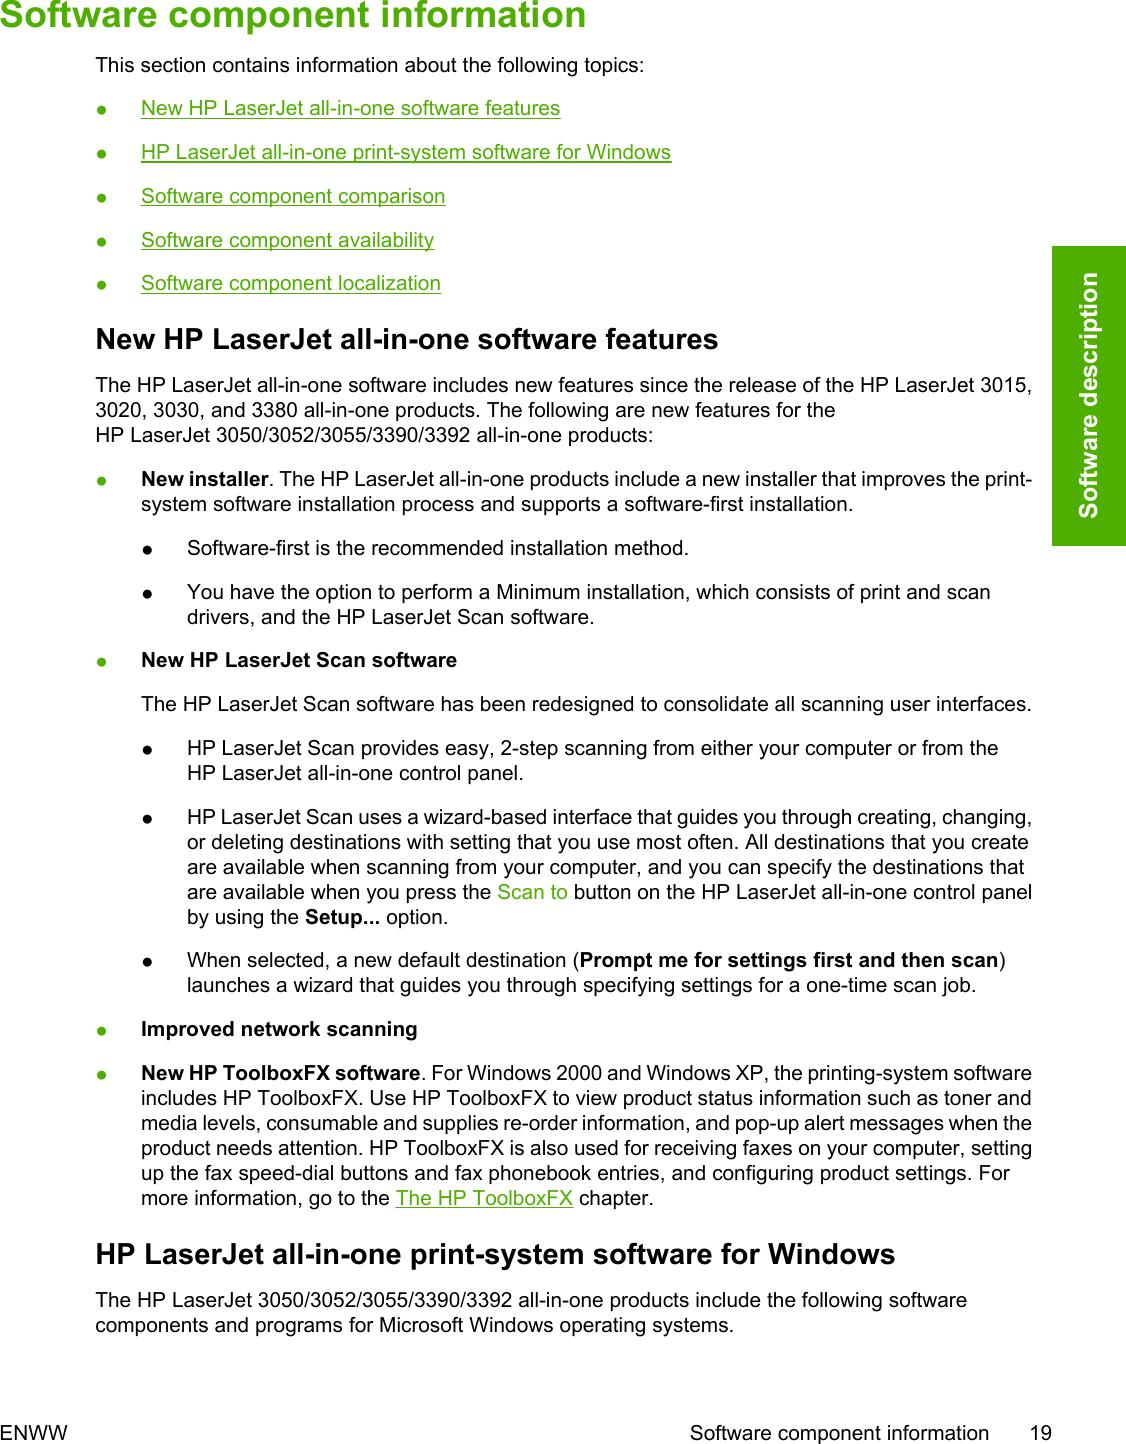 HP LaserJet 3050/3052/3055/3390/3392 All in One Software